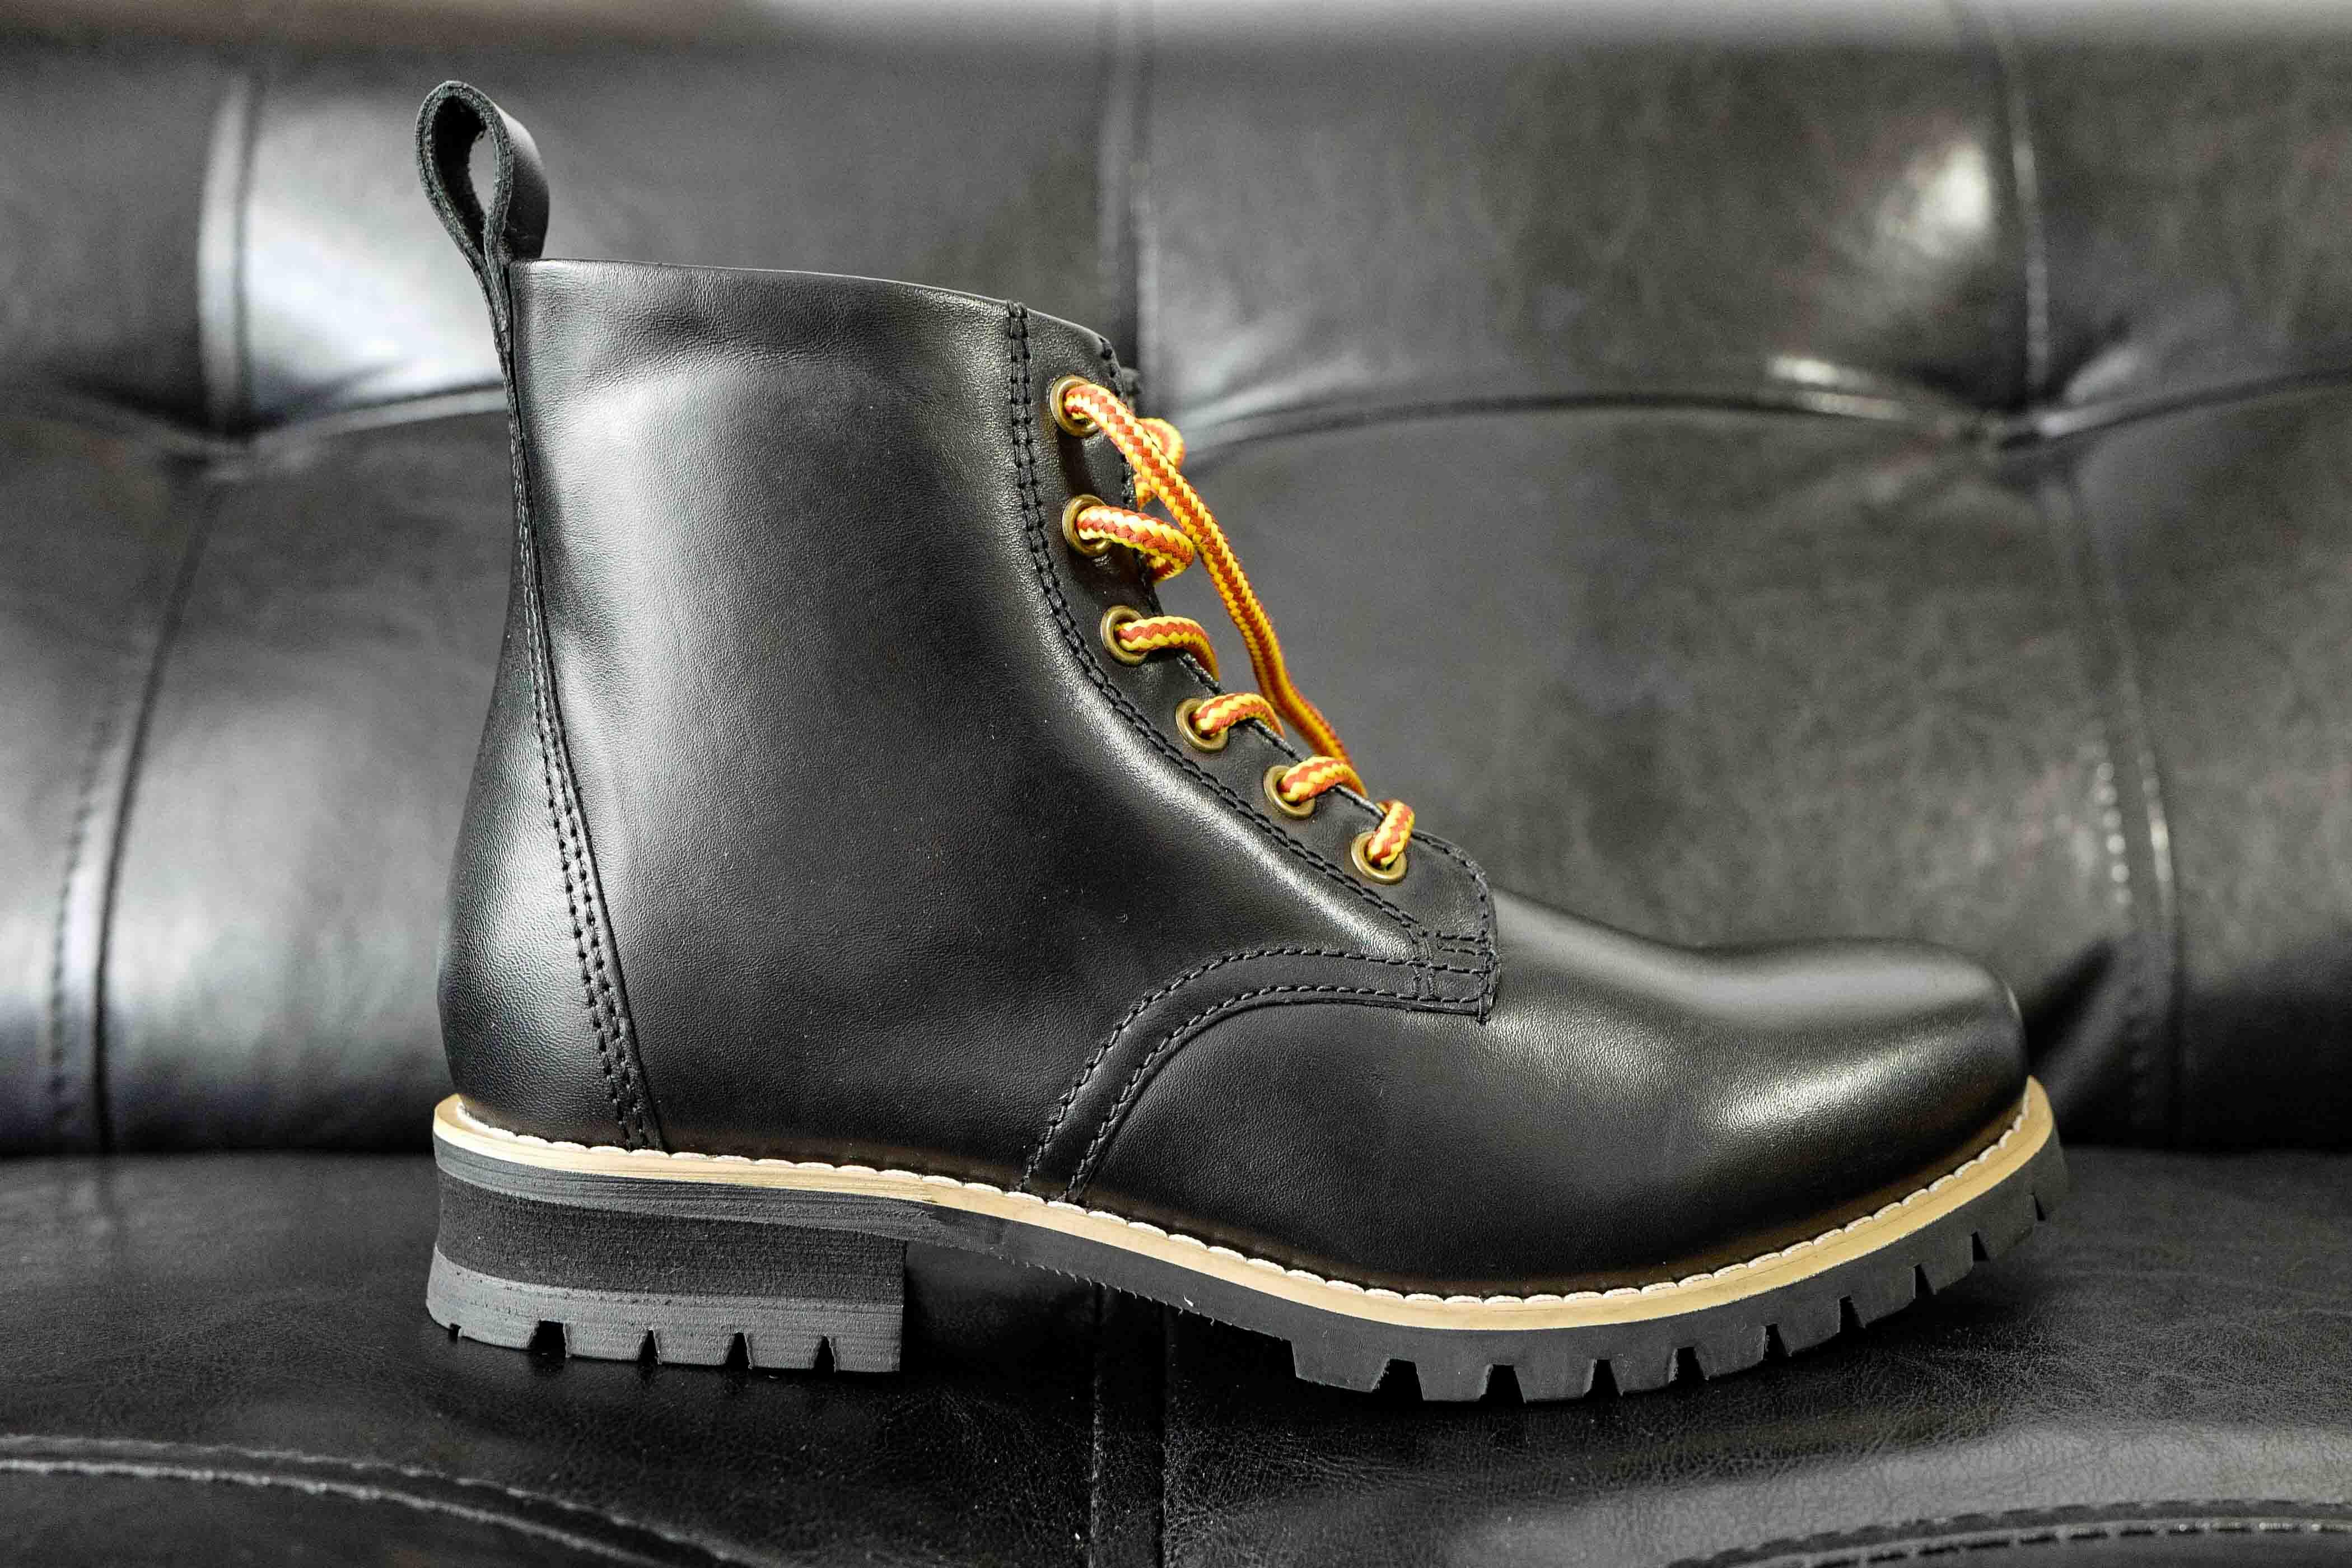 【本革製!】バイク用 ブーツはこれがおすすめ!デイトナ ヘンリービギンズ HBS-003 ショートブーツ!外観インプレ!